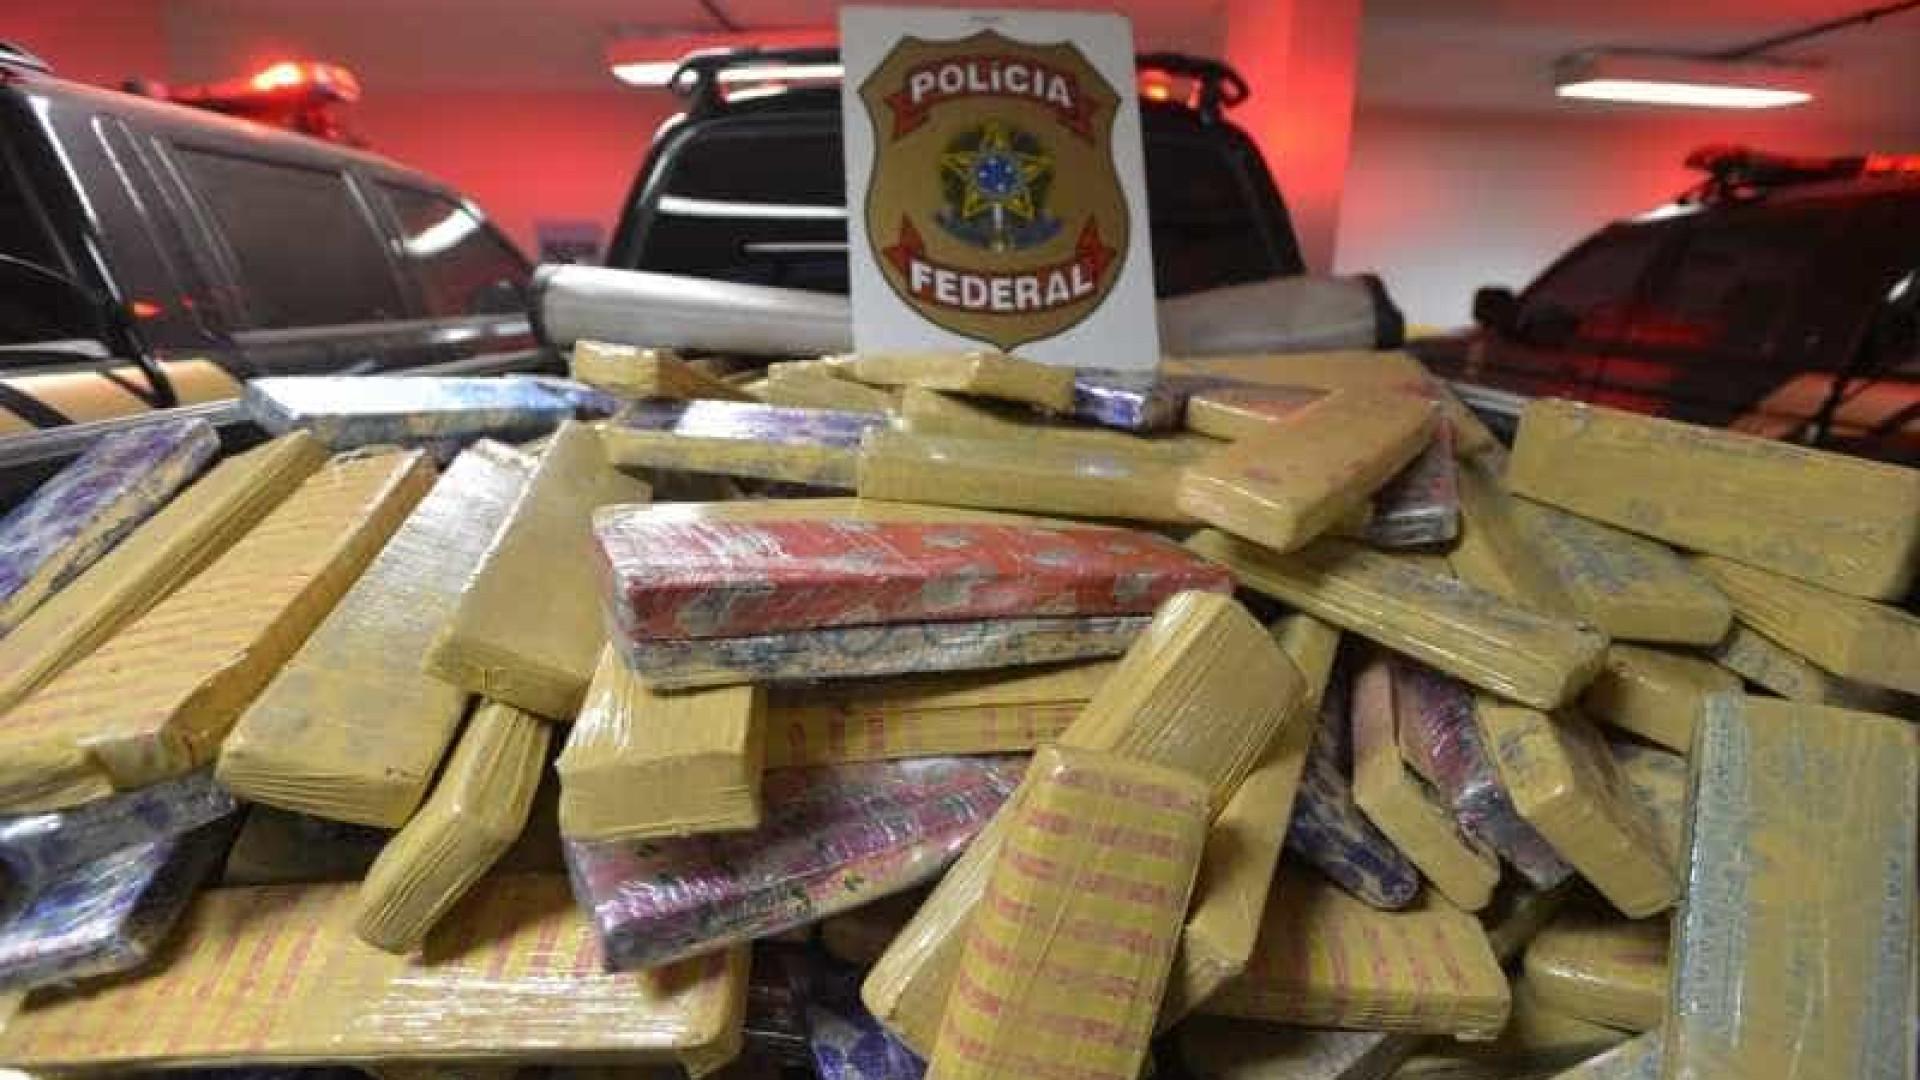 Polícia Federal faz provável maior apreensão de maconha no ano